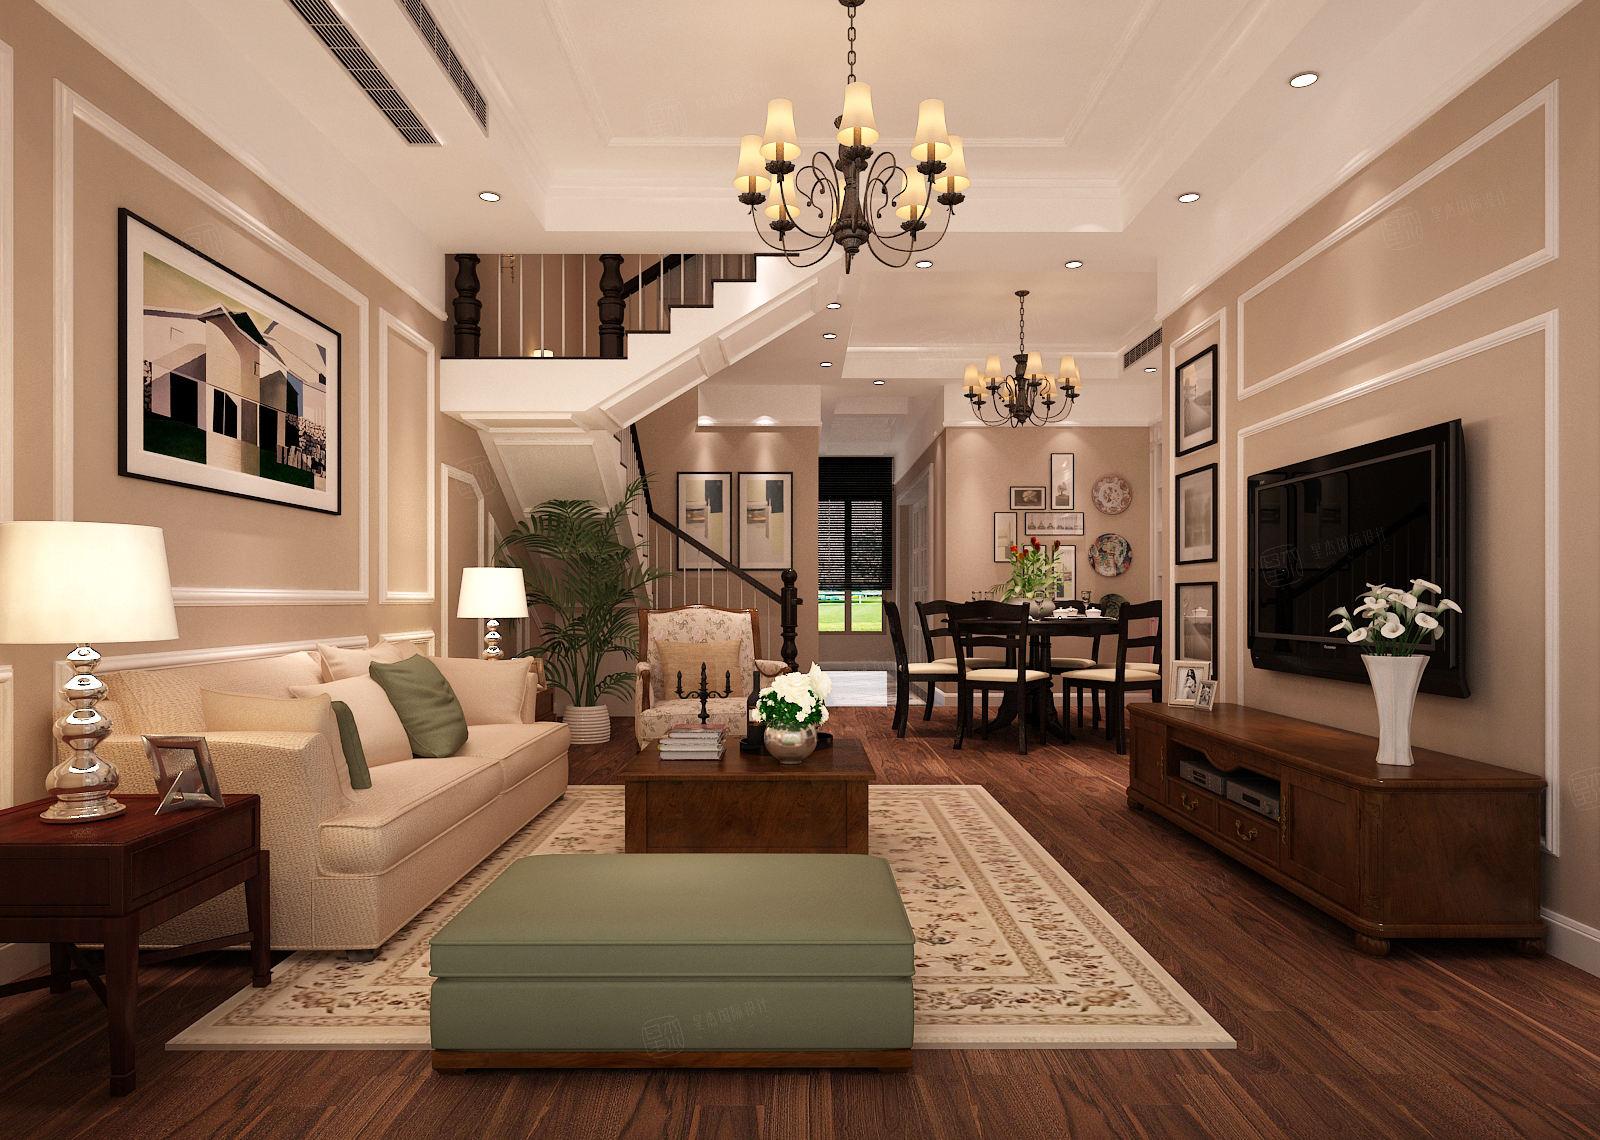 汤臣豪园 简欧装修客厅效果图